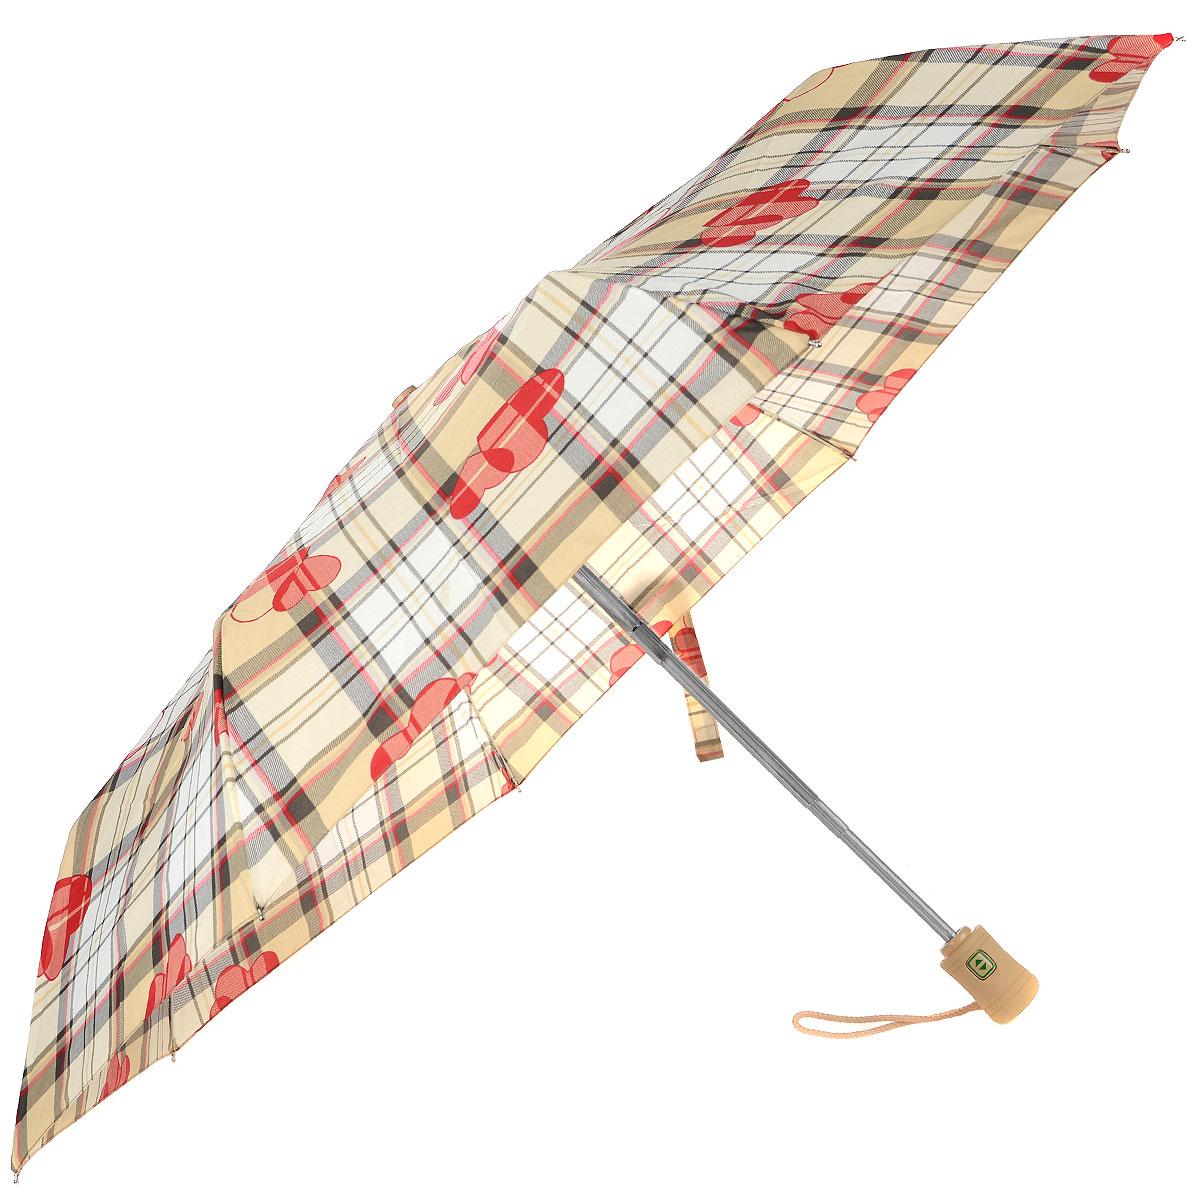 """Зонт женский Fulton Heart Check, автомат, 3 сложения, цвет: бежевыйJ346 1F2315Стильный зонт Fulton """"Heart Check"""" даже в ненастную погоду позволит вам оставаться женственной и элегантной. """"Ветростойкий"""" каркас зонта в 3 сложения состоит из восьми алюминиевых спиц с элементами из фибергласса, стержень выполнен из стали. Зонт оснащен удобной рукояткой из прорезиненного пластика. Купол зонта выполнен из прочного полиэстера и оформлен принтом в клетку. На рукоятке для удобства есть небольшой шнурок, позволяющий надеть зонт на руку тогда, когда это будет необходимо. К зонту прилагается чехол. Зонт автоматического сложения: купол открывается и закрывается нажатием на кнопку, стержень складывается вручную до характерного щелчка."""